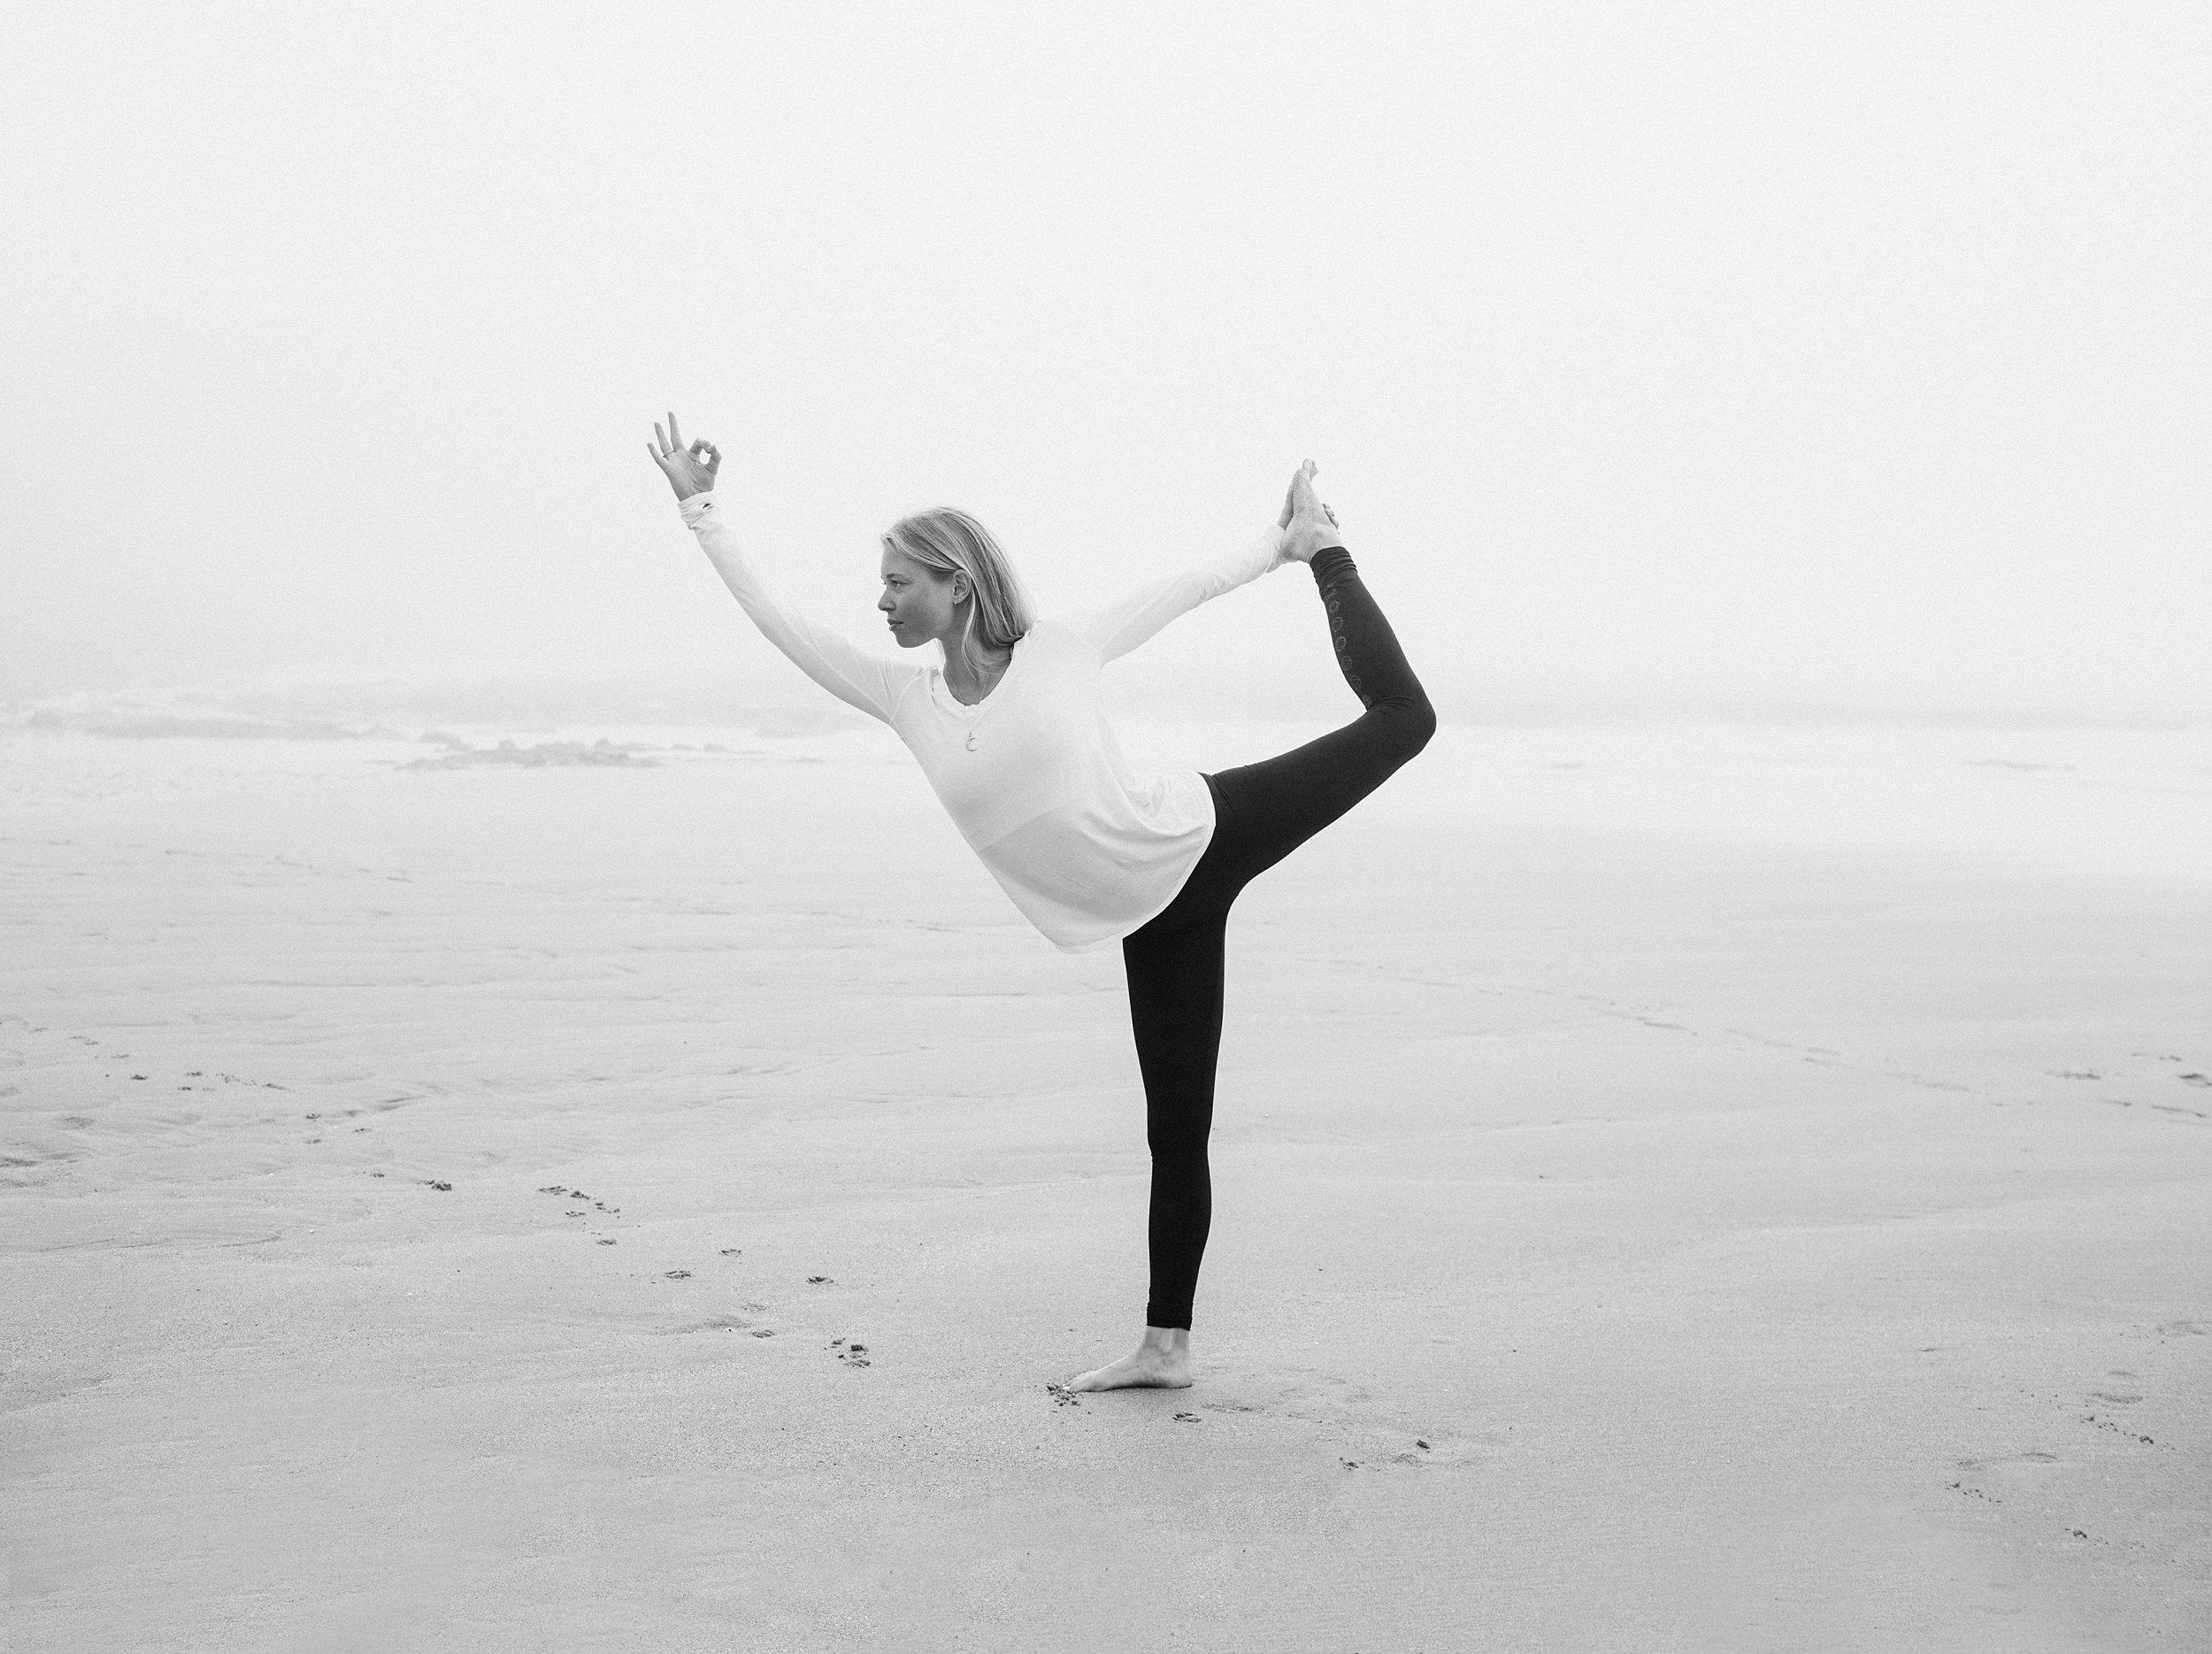 Aevi+Marie+Hansen+Yoga.jpg